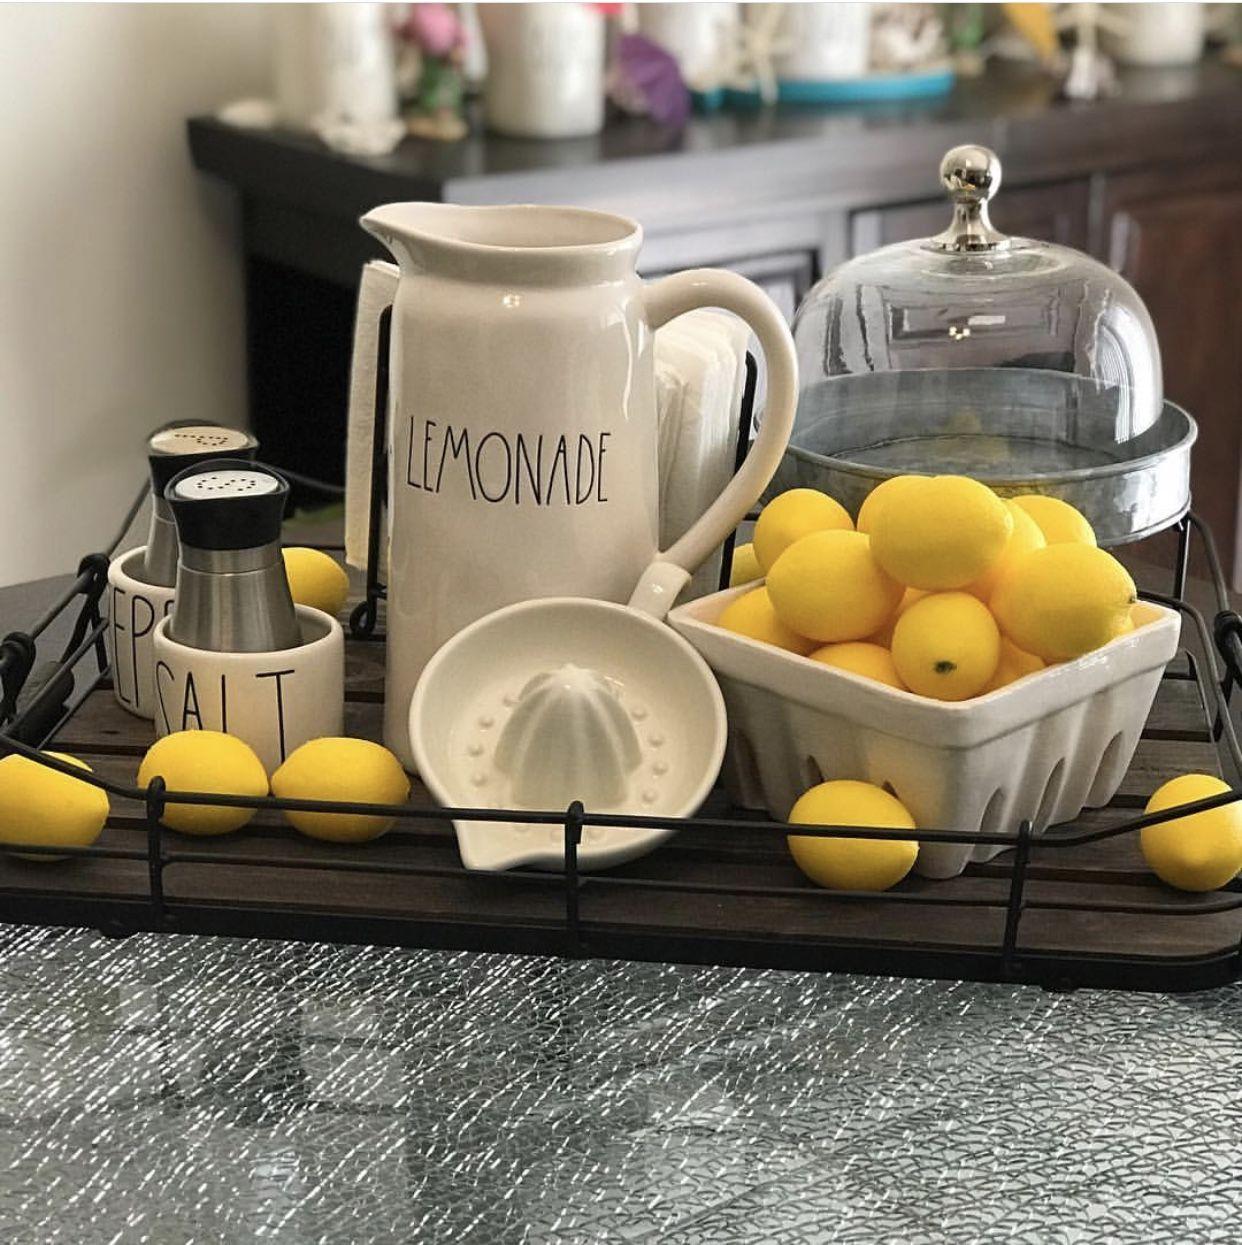 Lemon Kitchen Decor At Target: Pin By RaeLene Ruzycki On Rae Dunn In 2019